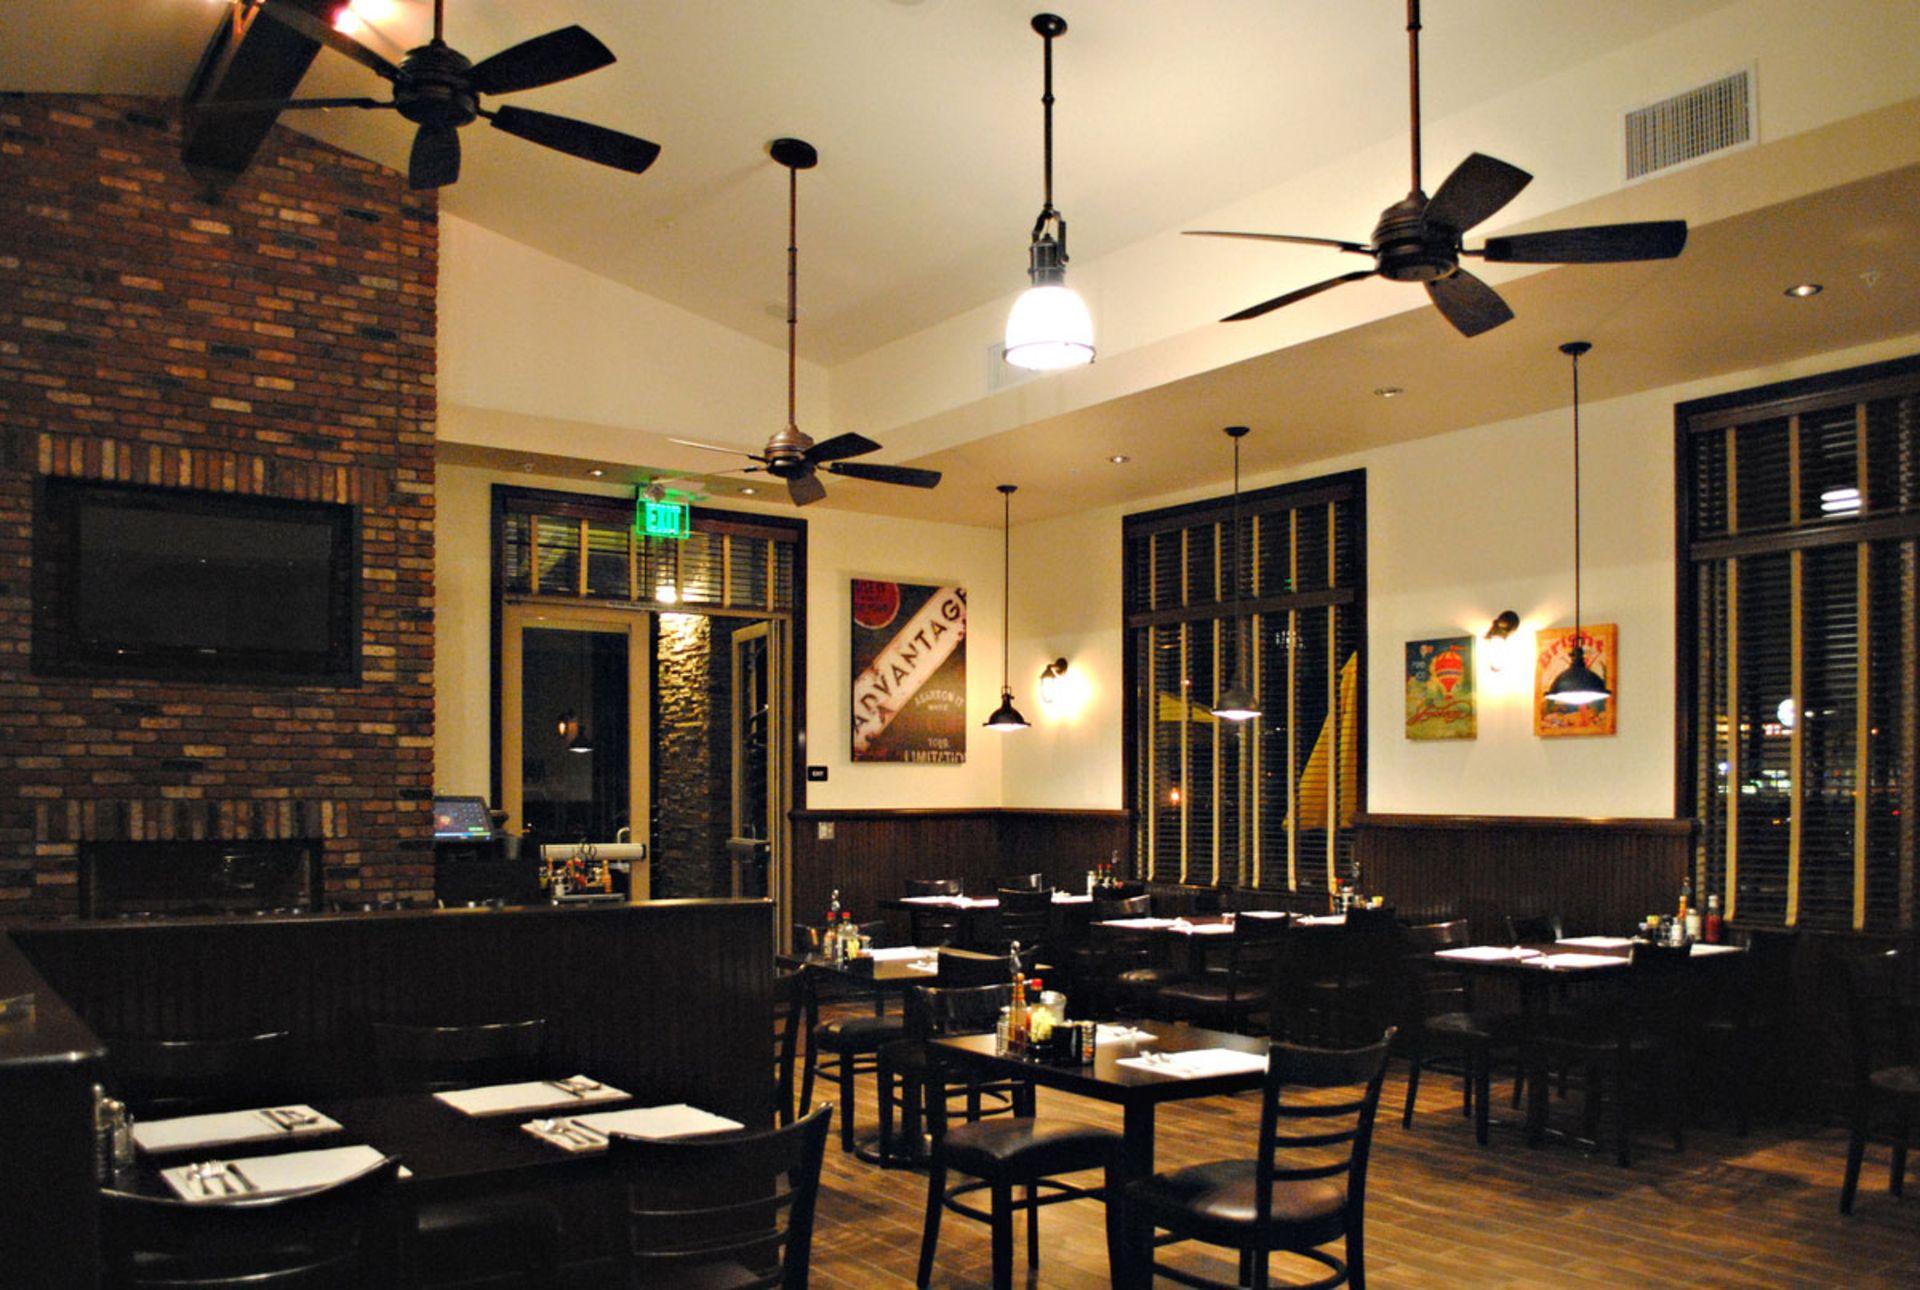 cafe decor ideas awesome cafe interior cafe interior design rh pinterest com